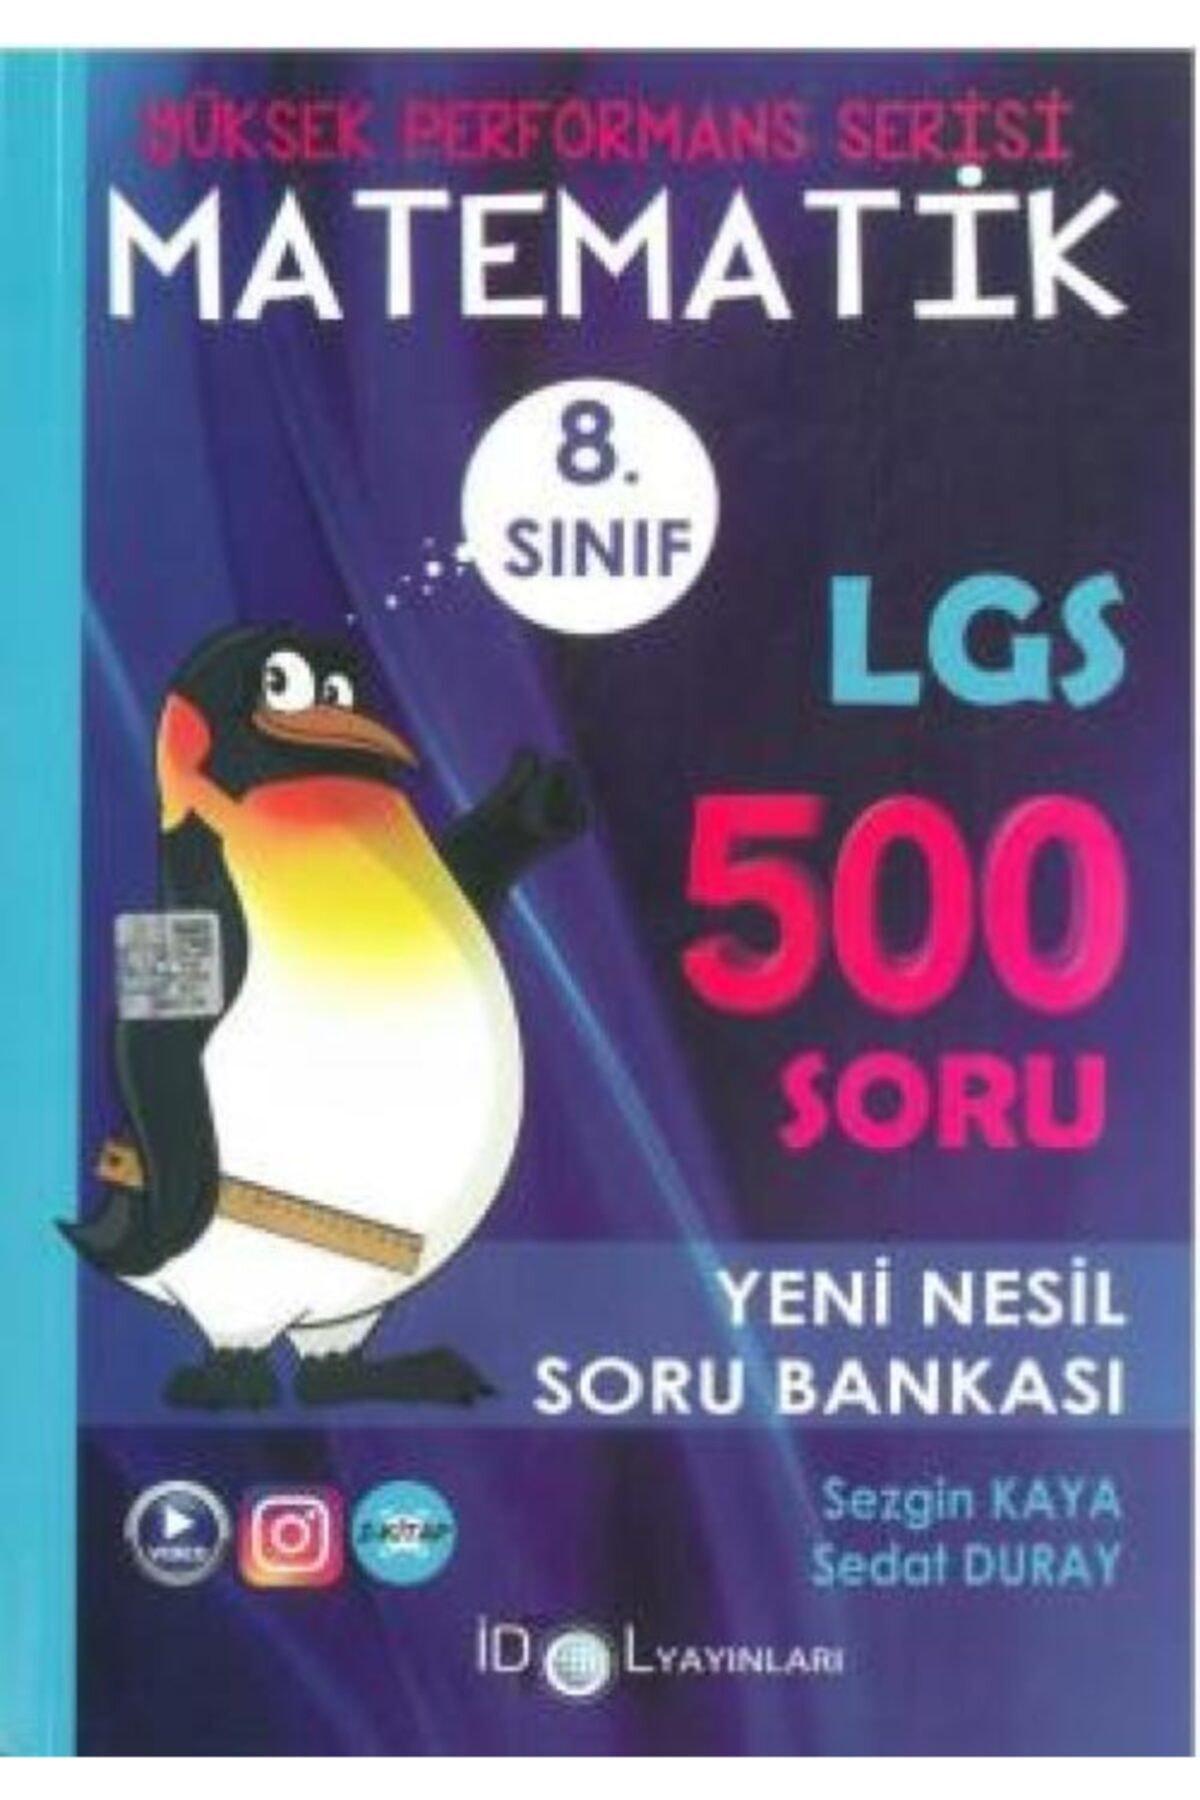 İdol Yayınları 8. Sınıf Yüksek Performans Matematik 500 Soru Bankası